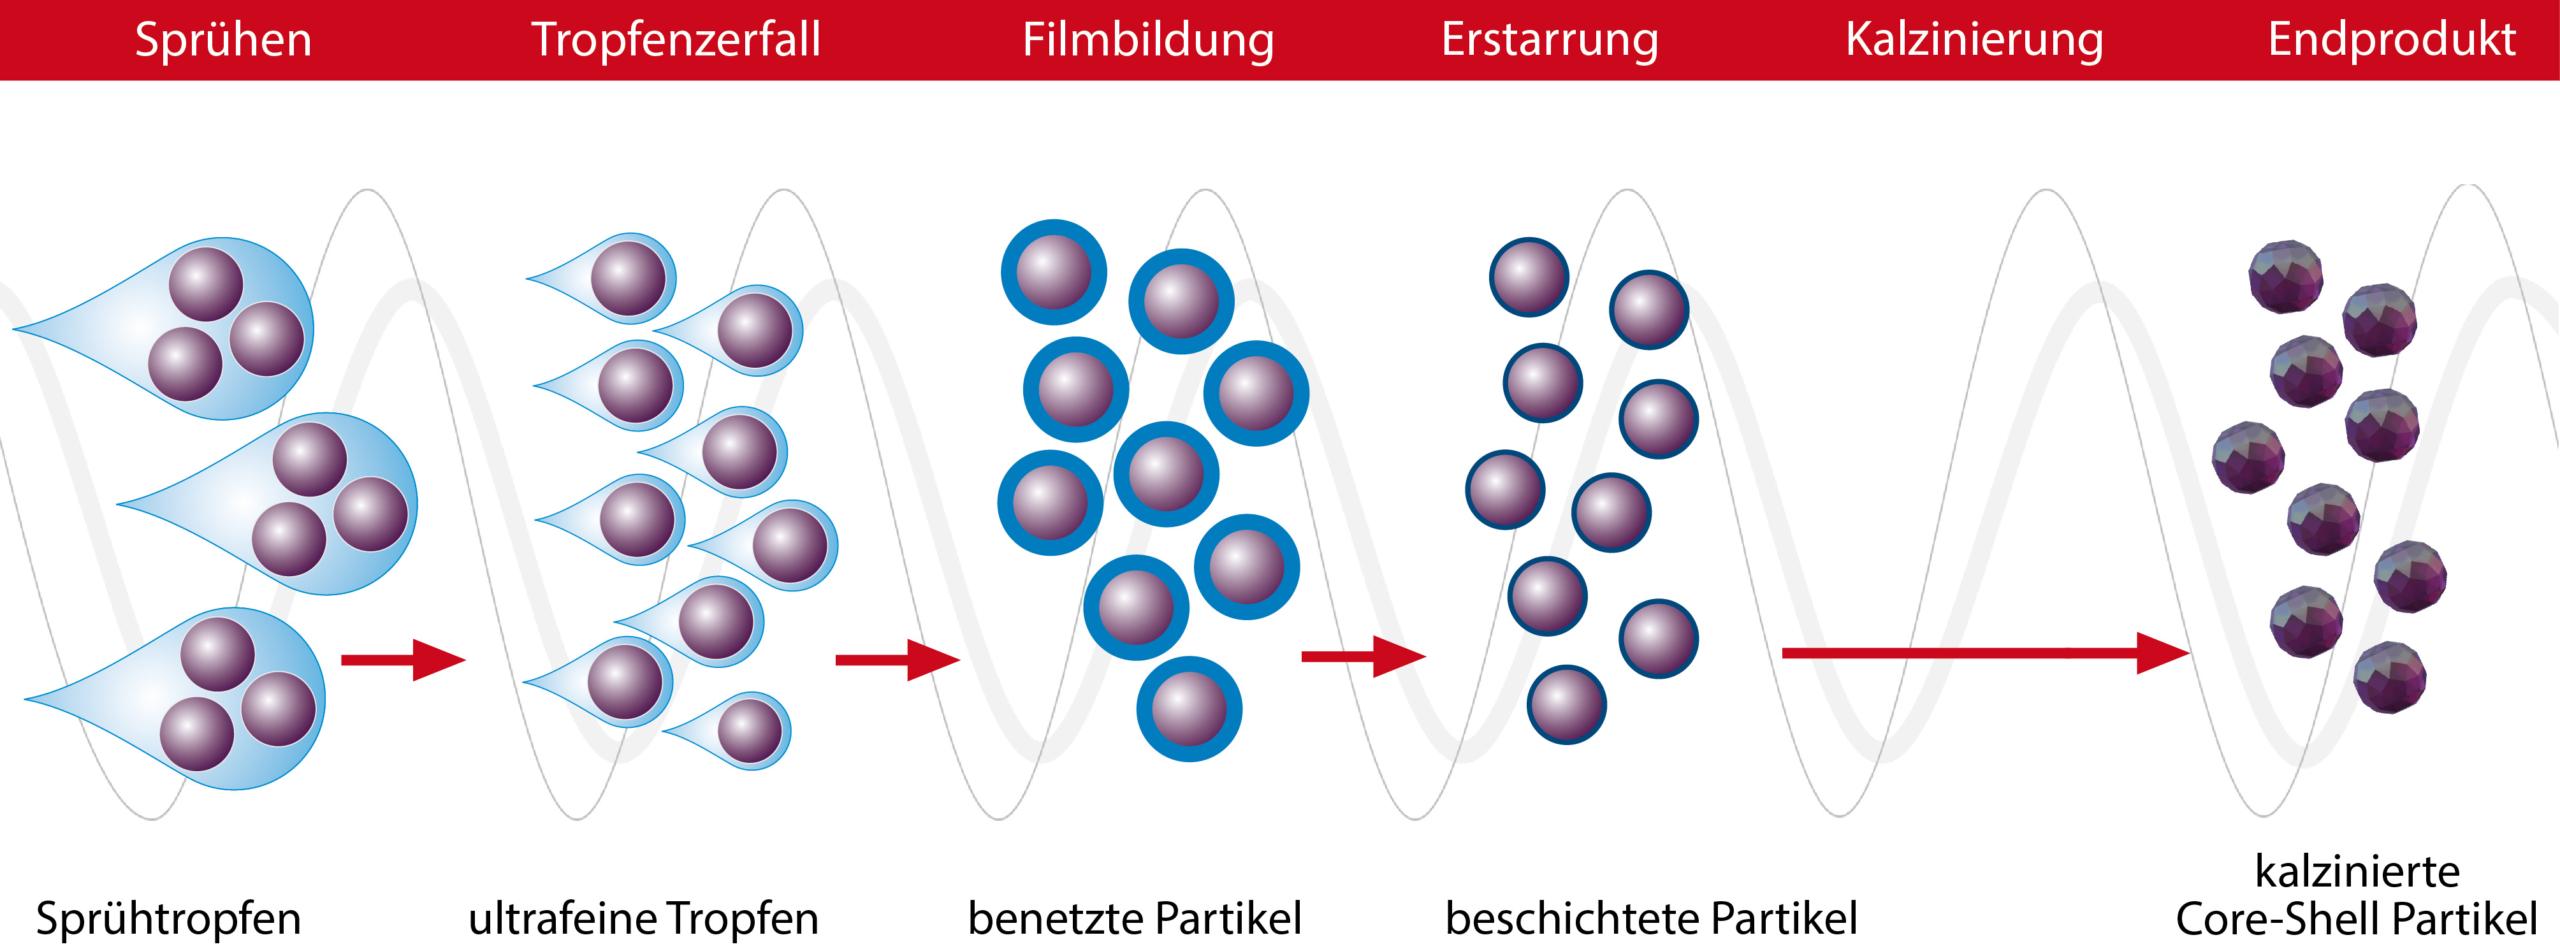 Sprühkalzinierung + Core Shell Coating mittels Glatt Pulversynthese zur Herstellung homogener Pulver mit Mikro- und Nanopartikeln mit spezifischen Eigenschaften